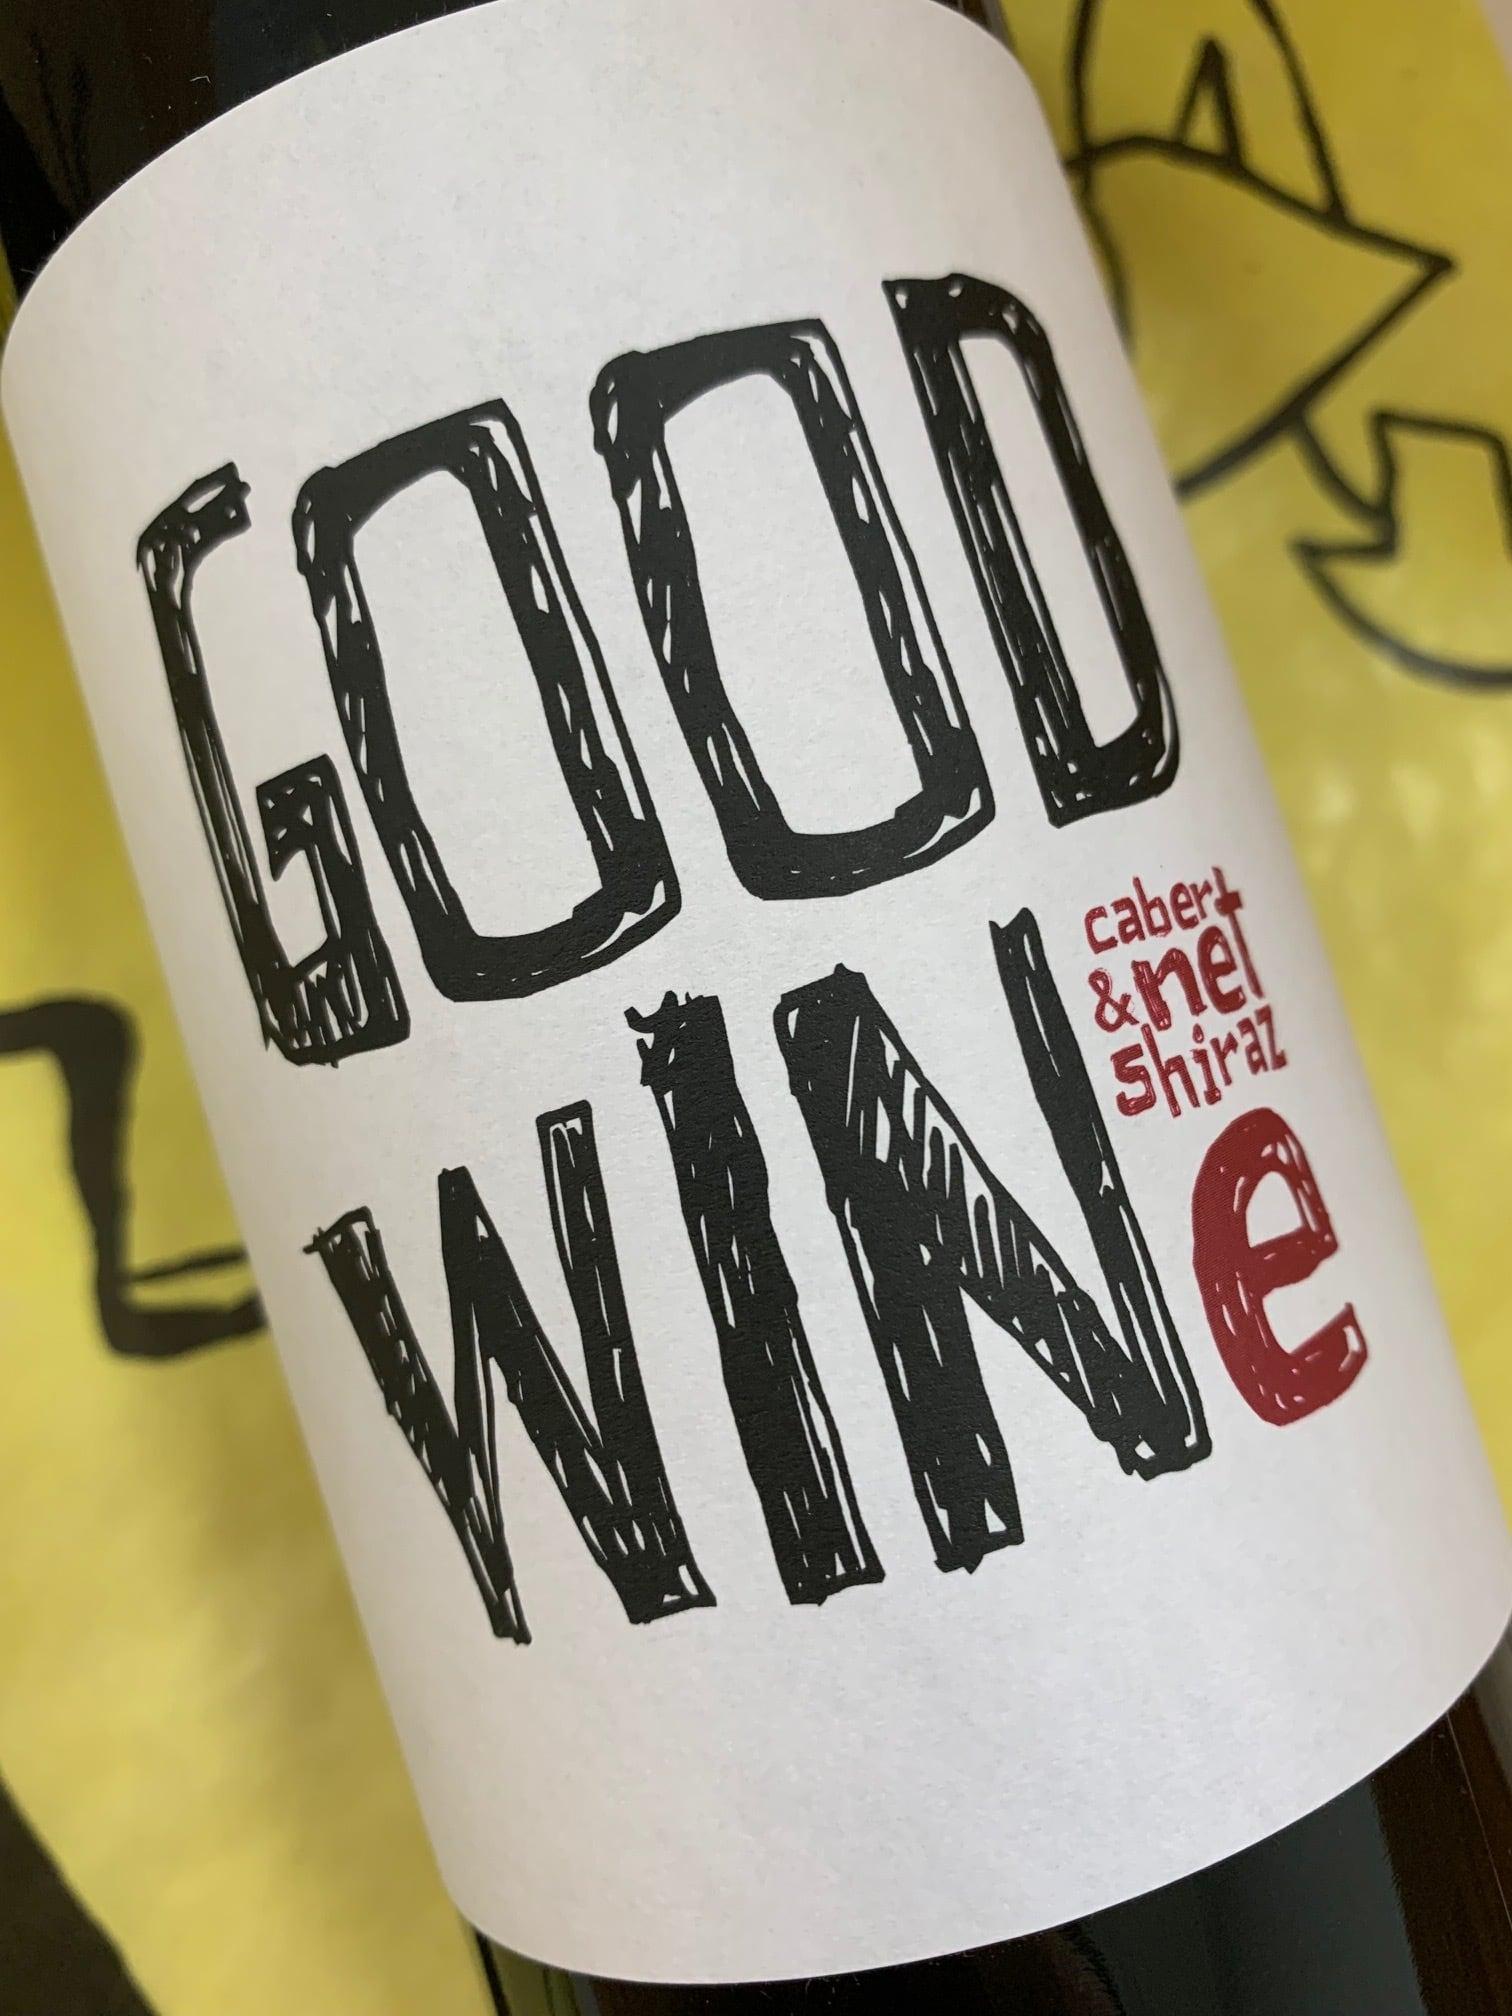 グッドワイン カベルネ&シラーズ 2019 フリー・ラン・ジュース 赤ワイン